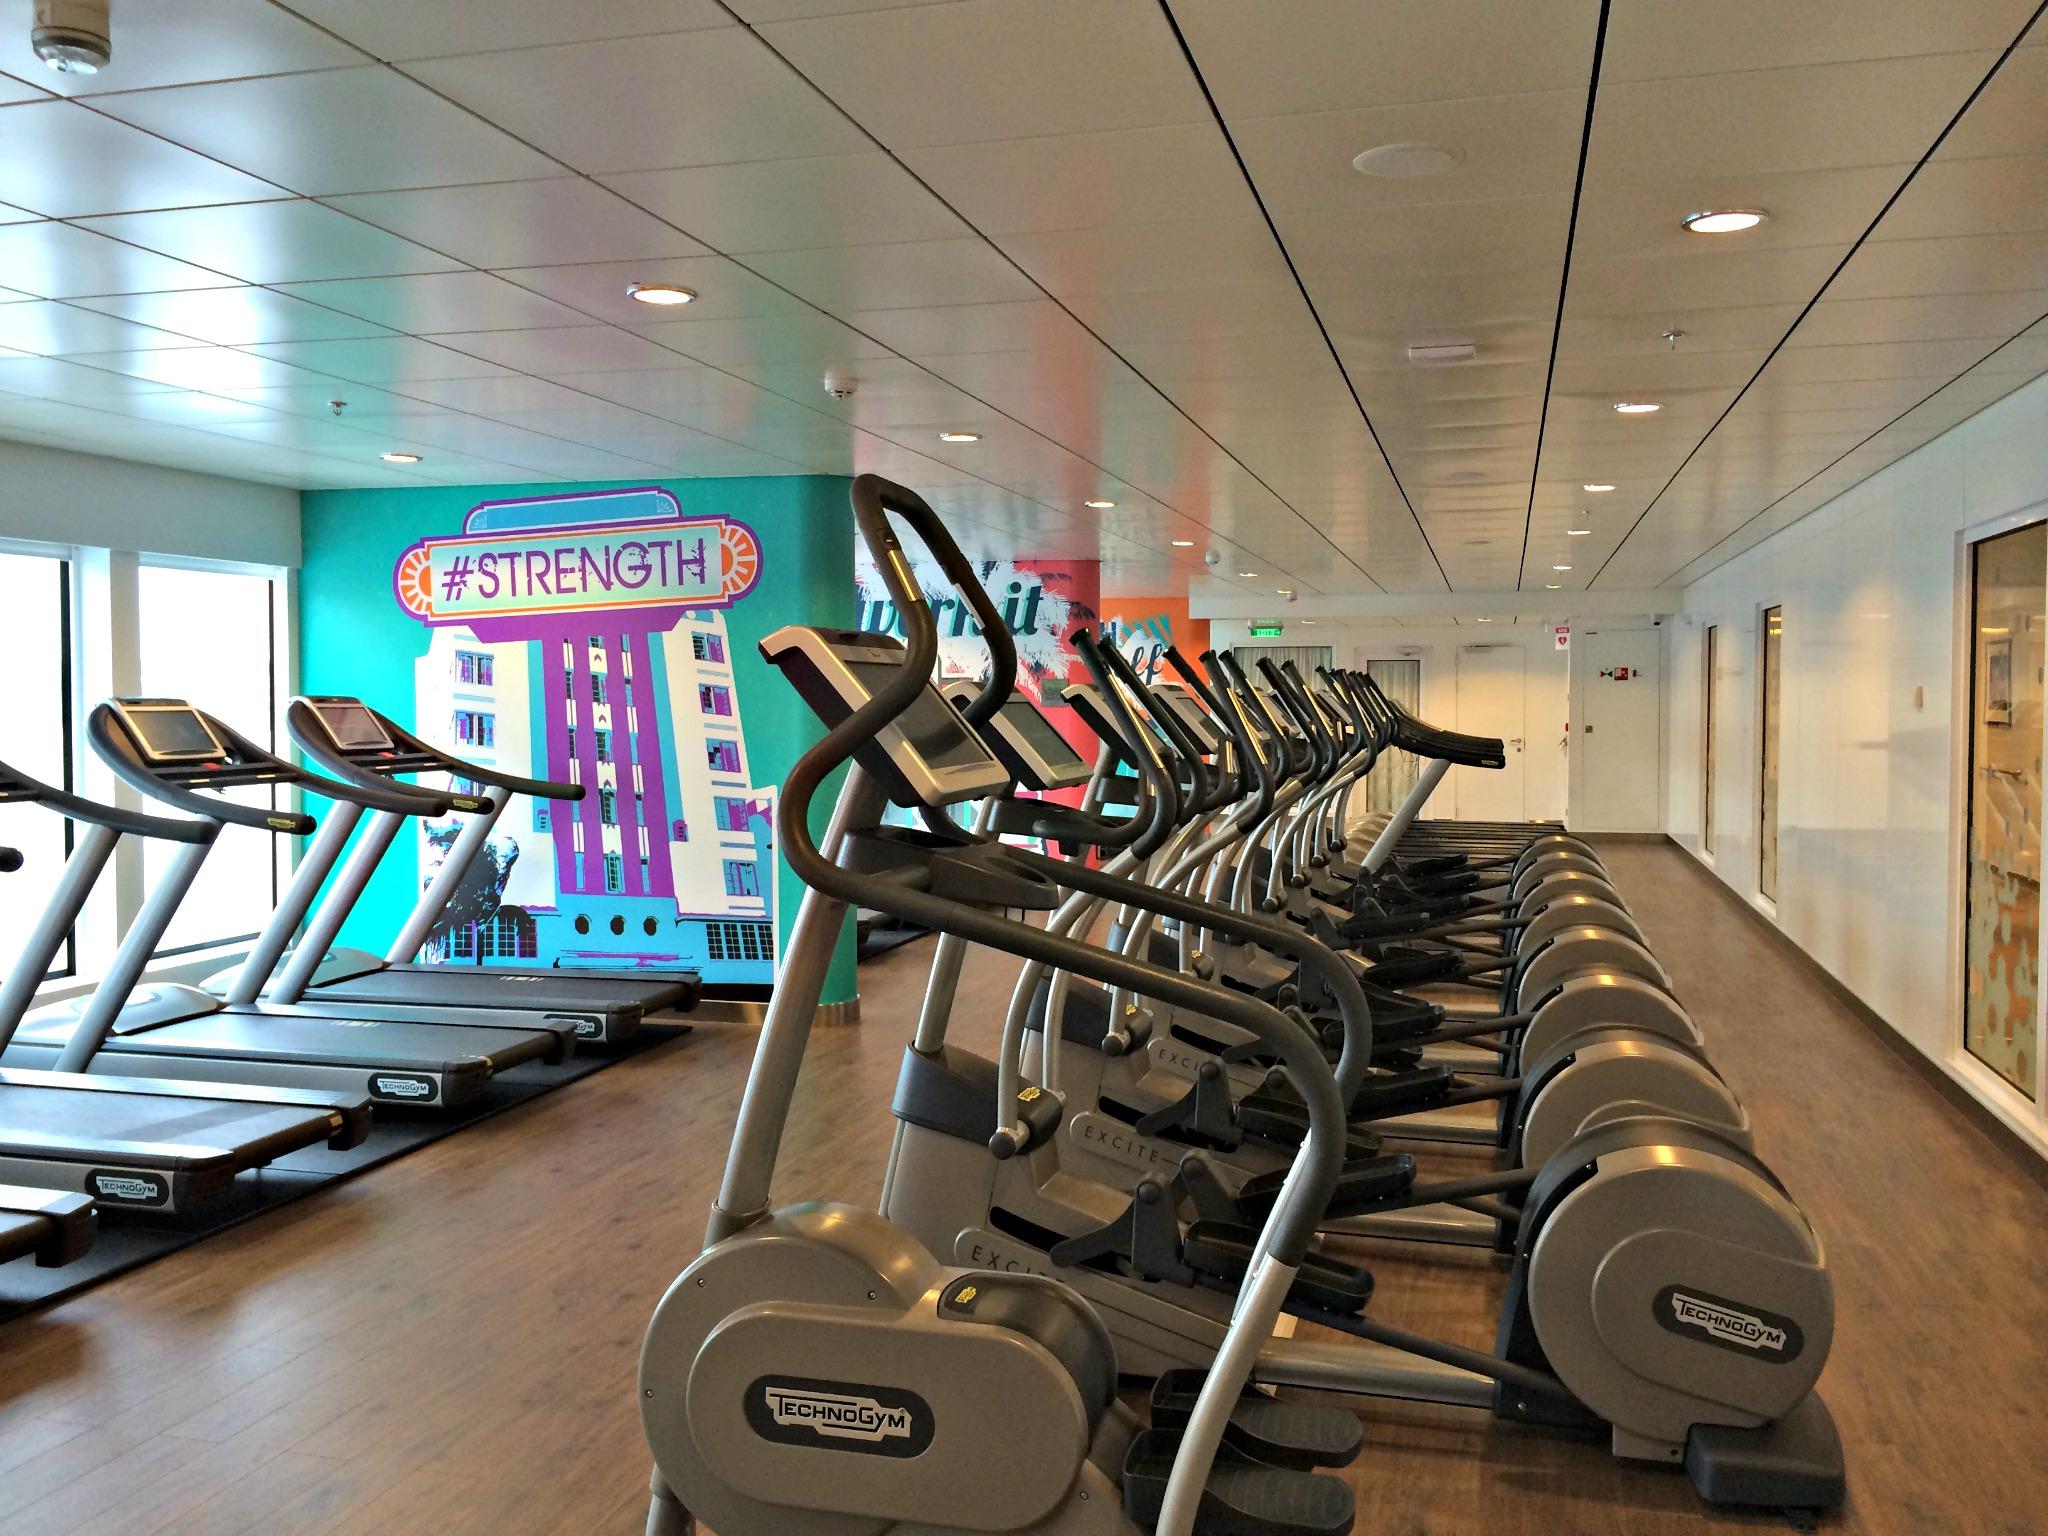 Norwegian-Getaway-Workout-Facilities